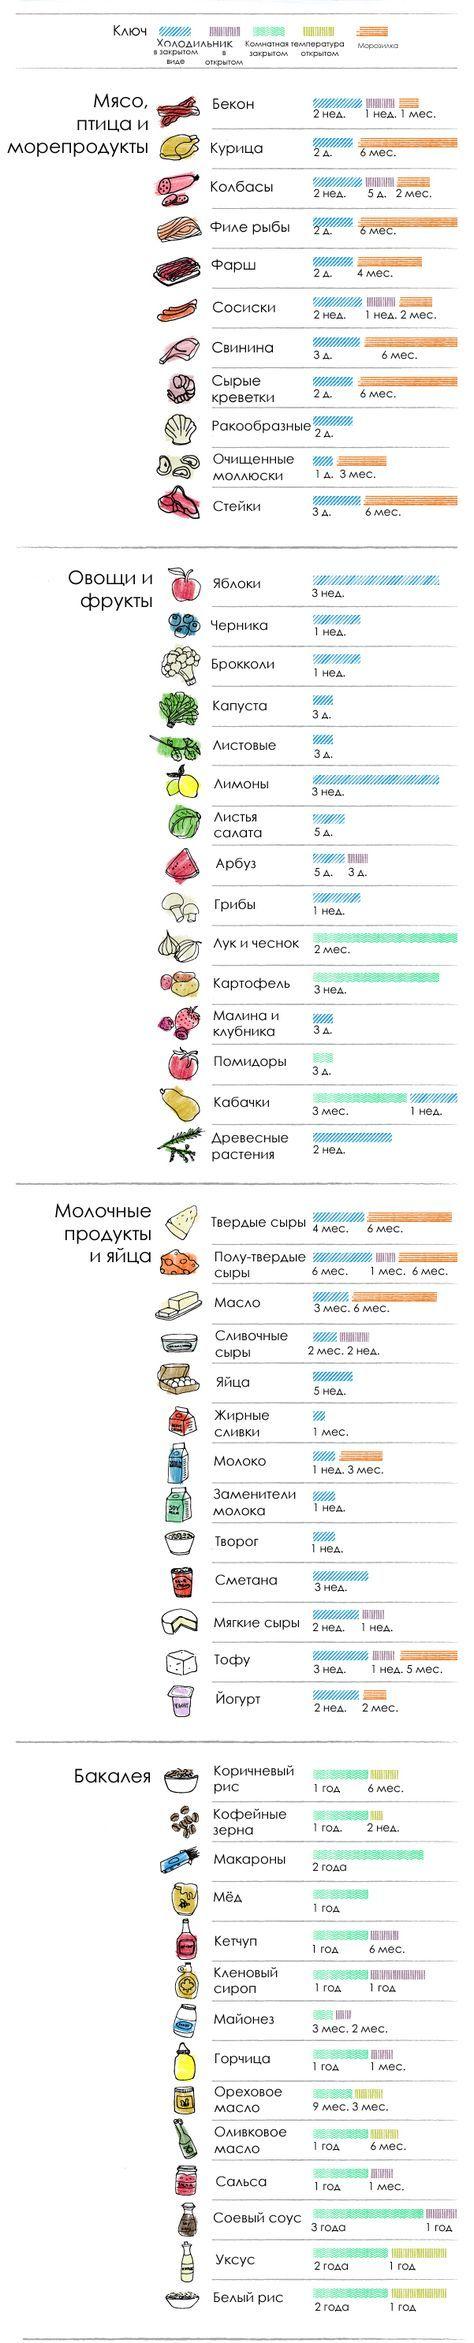 Как долго можно хранить продукты